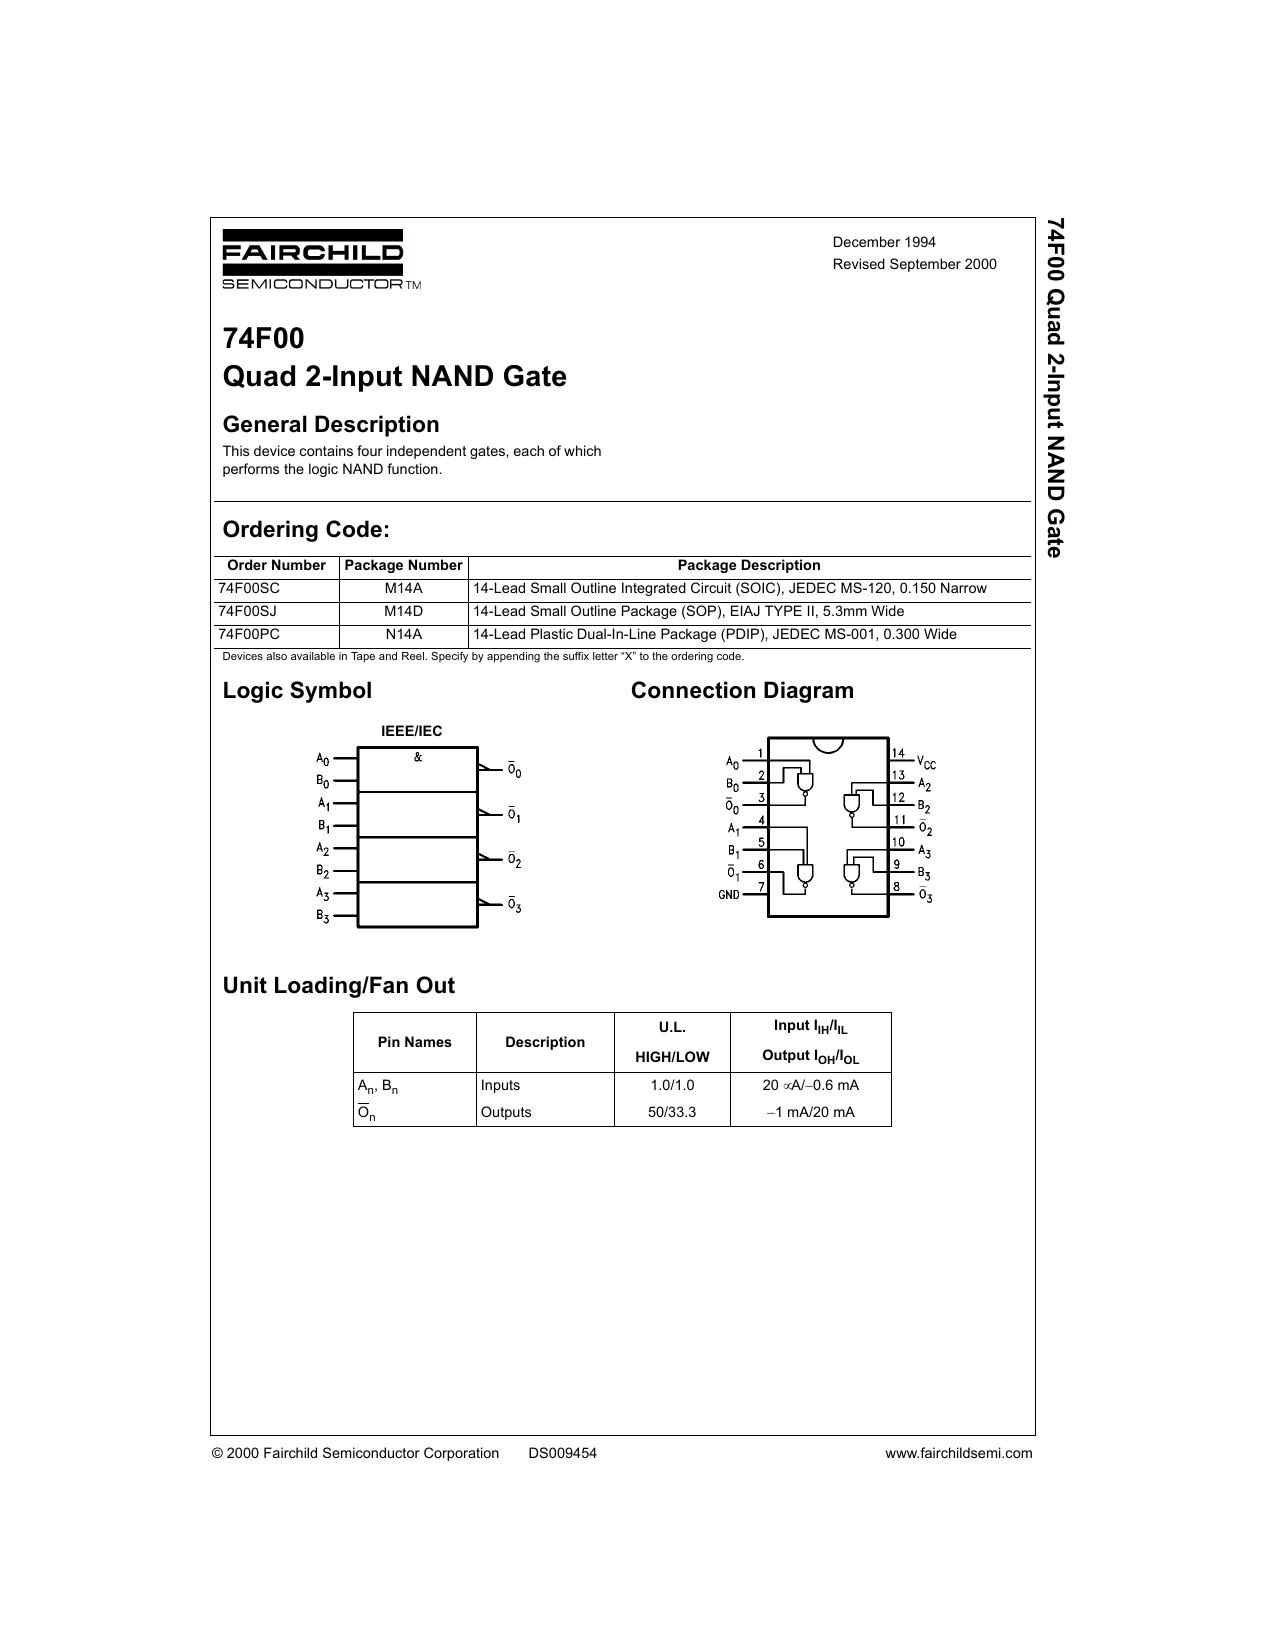 74f00 Datasheet 7400 Quad 2input Nand Gate Pin Layout